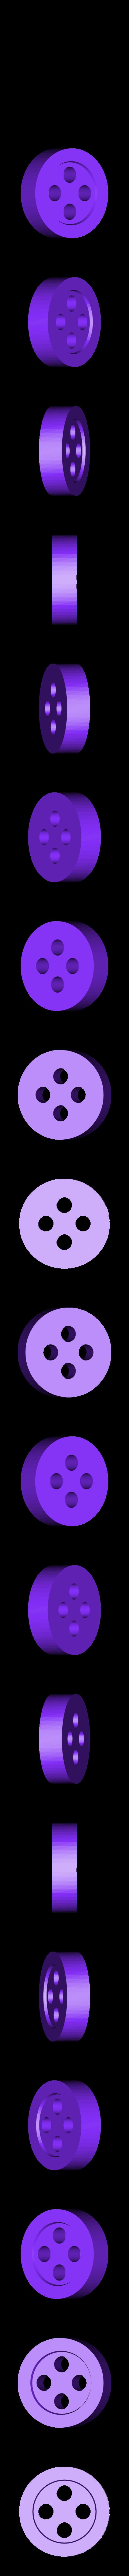 Button.STL Télécharger fichier STL gratuit Bouton de remplacement de chemise • Design pour impression 3D, Laevalia